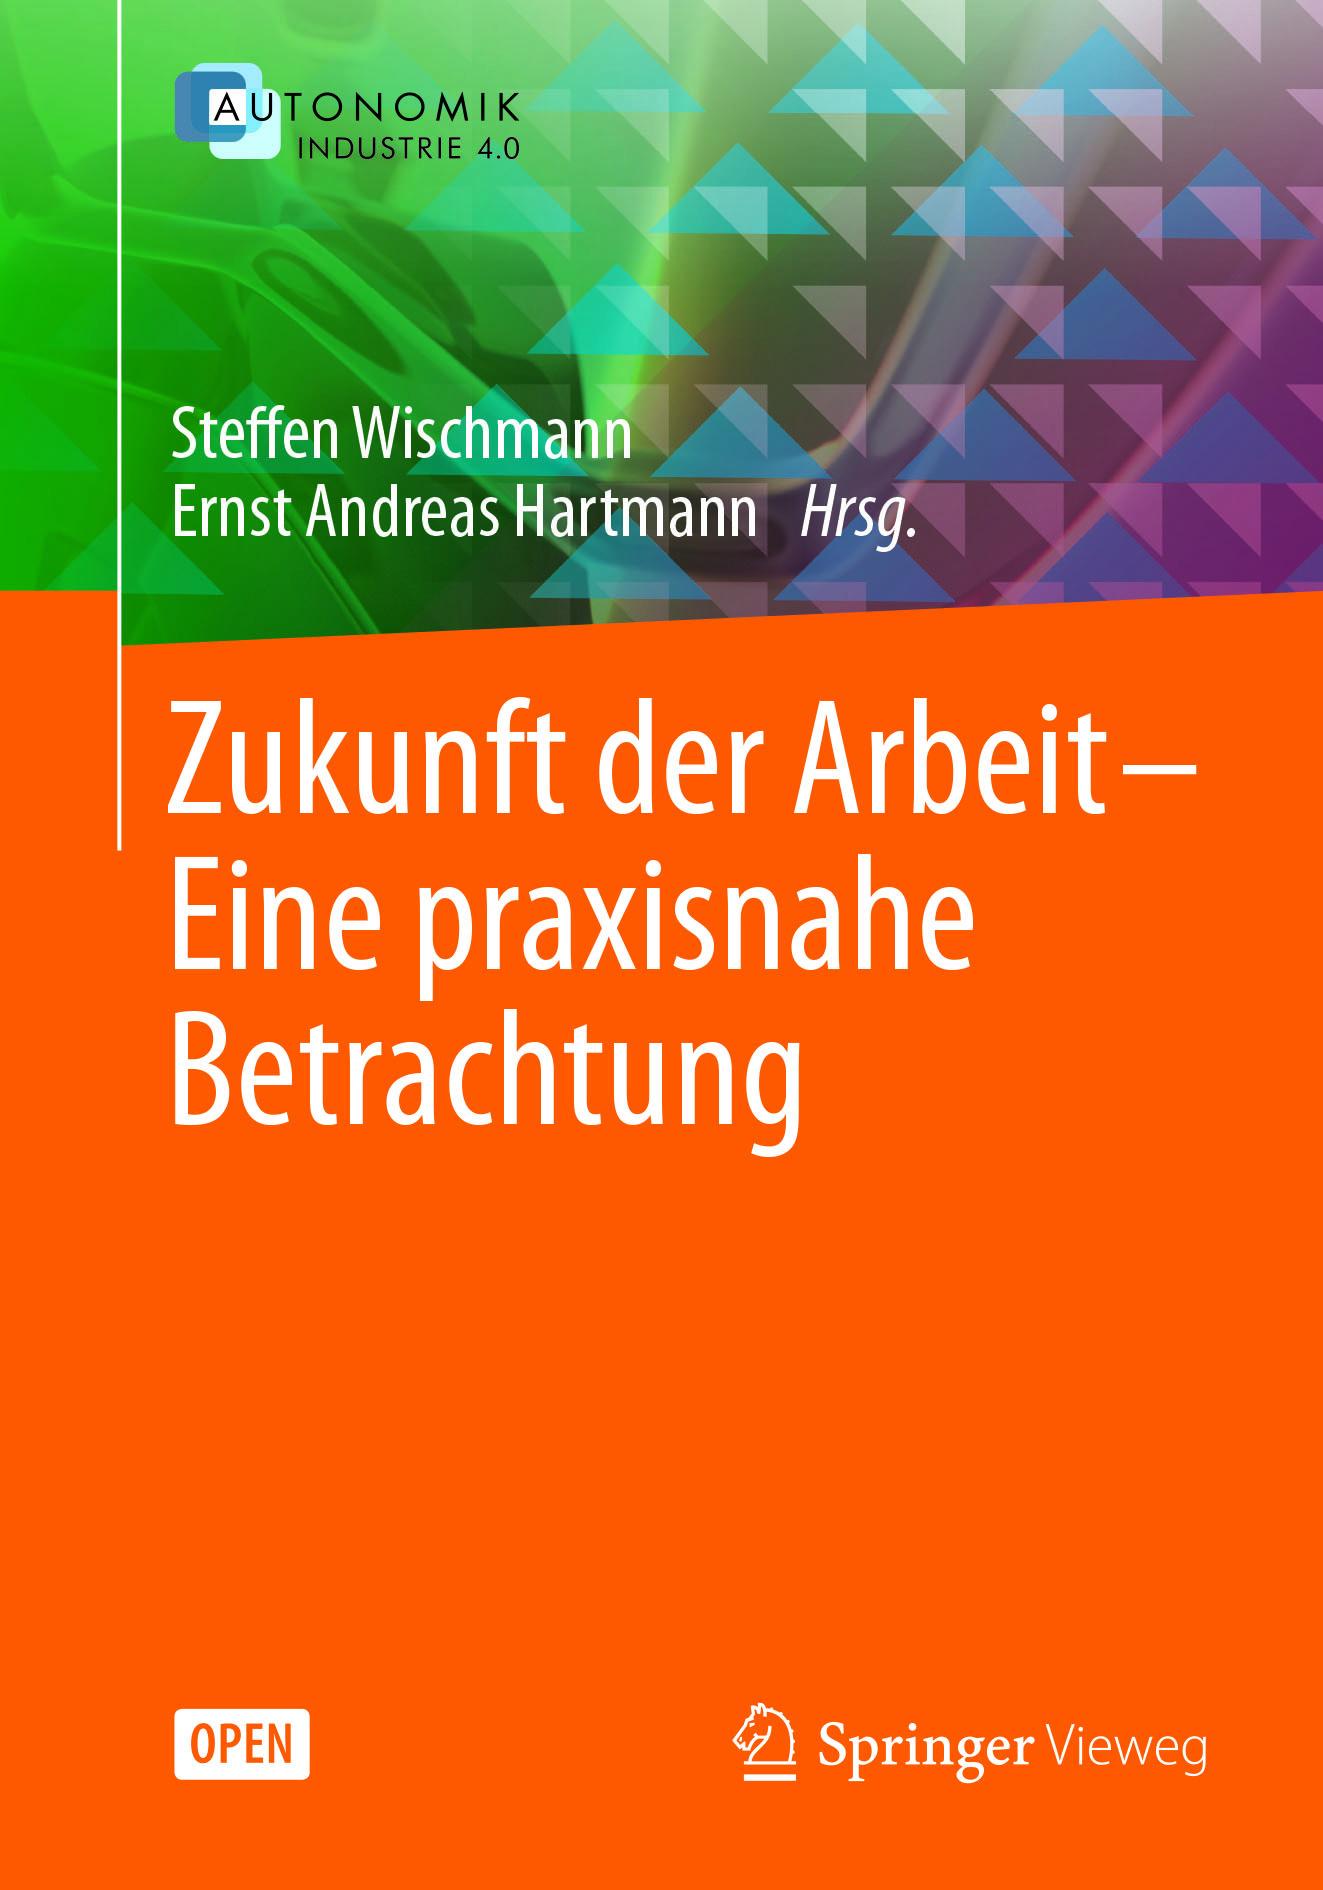 Hartmann, Ernst Andreas - Zukunft der Arbeit – Eine praxisnahe Betrachtung, ebook